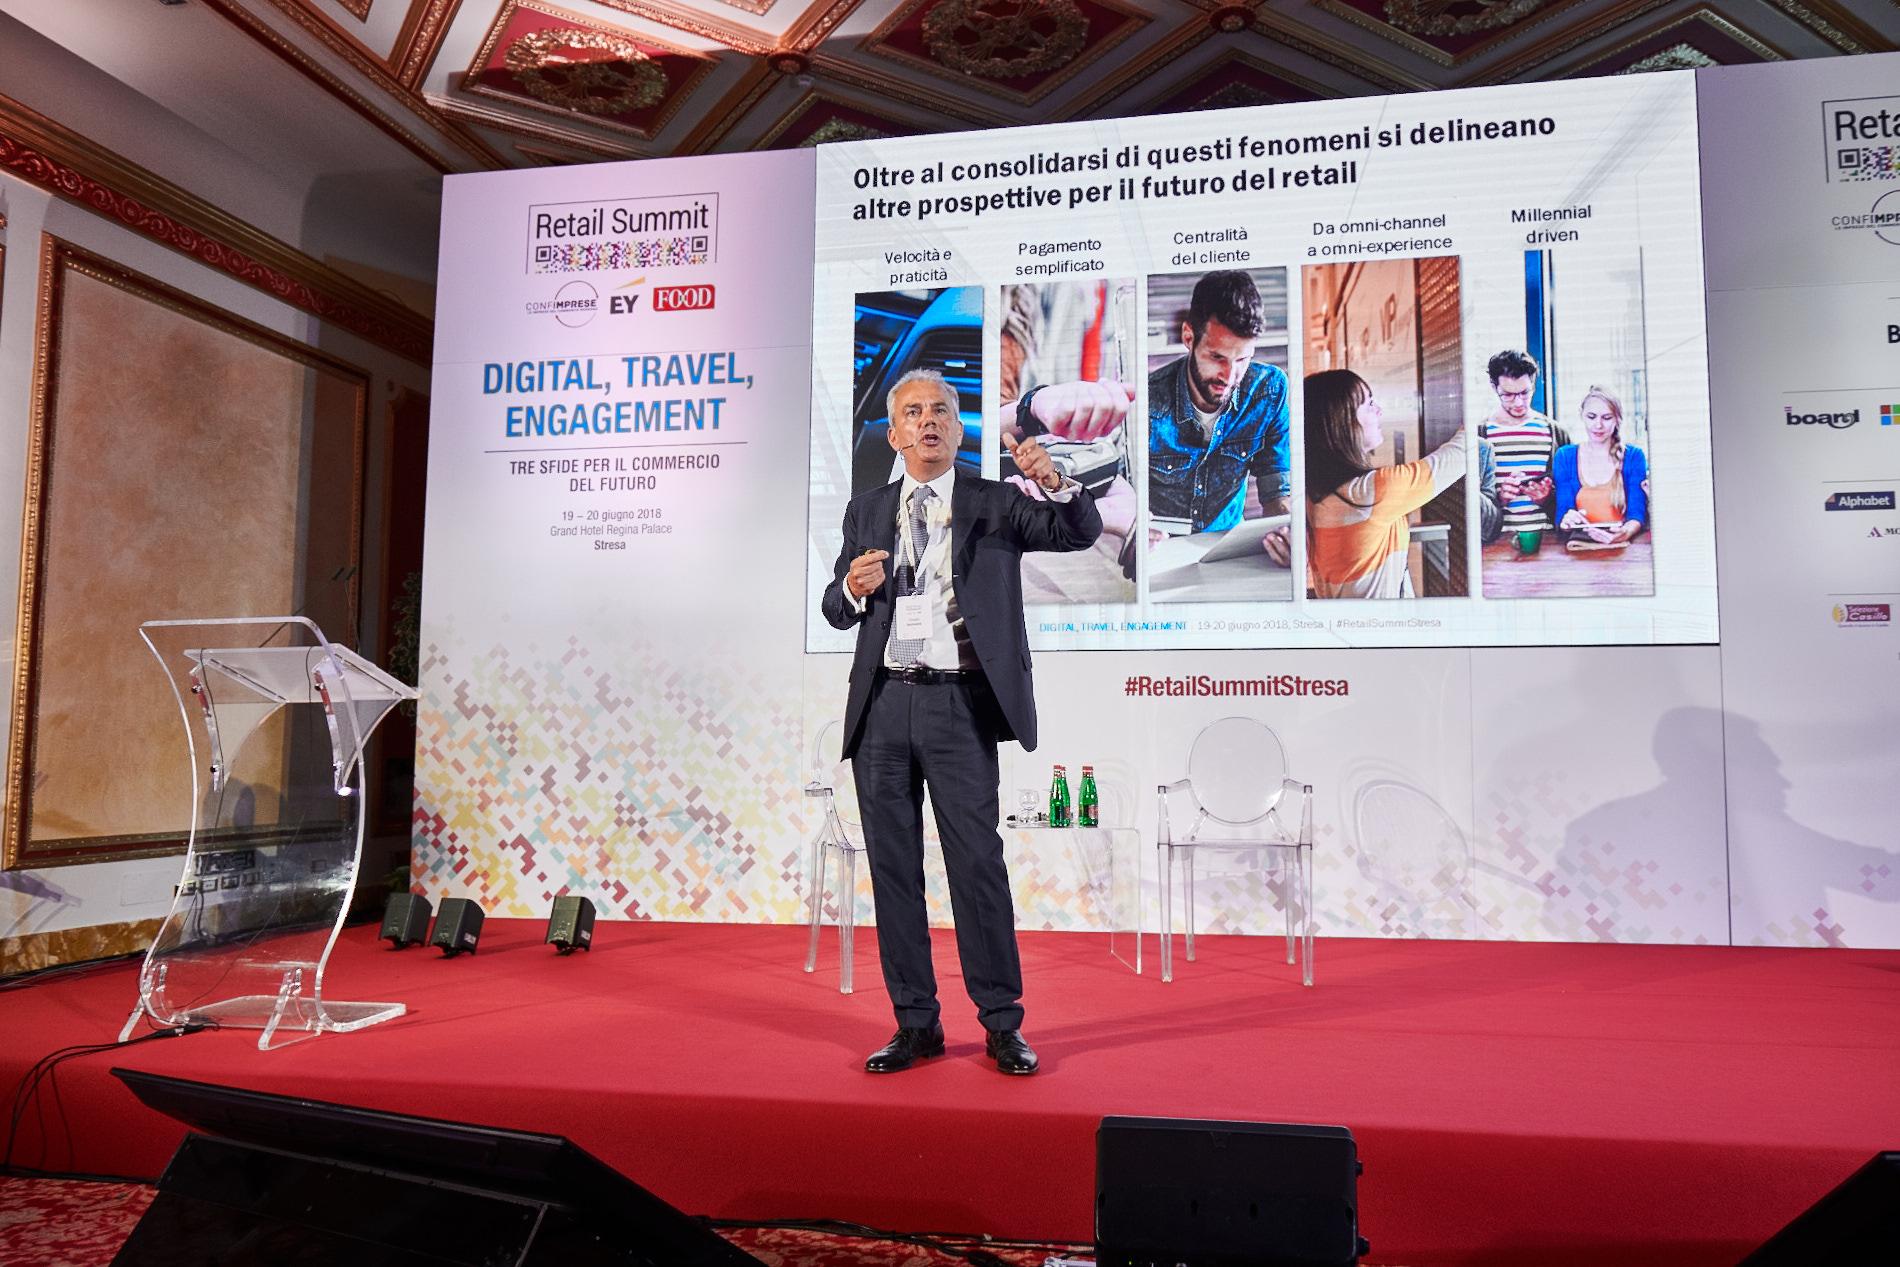 Retail Summit 2018_DSC7454